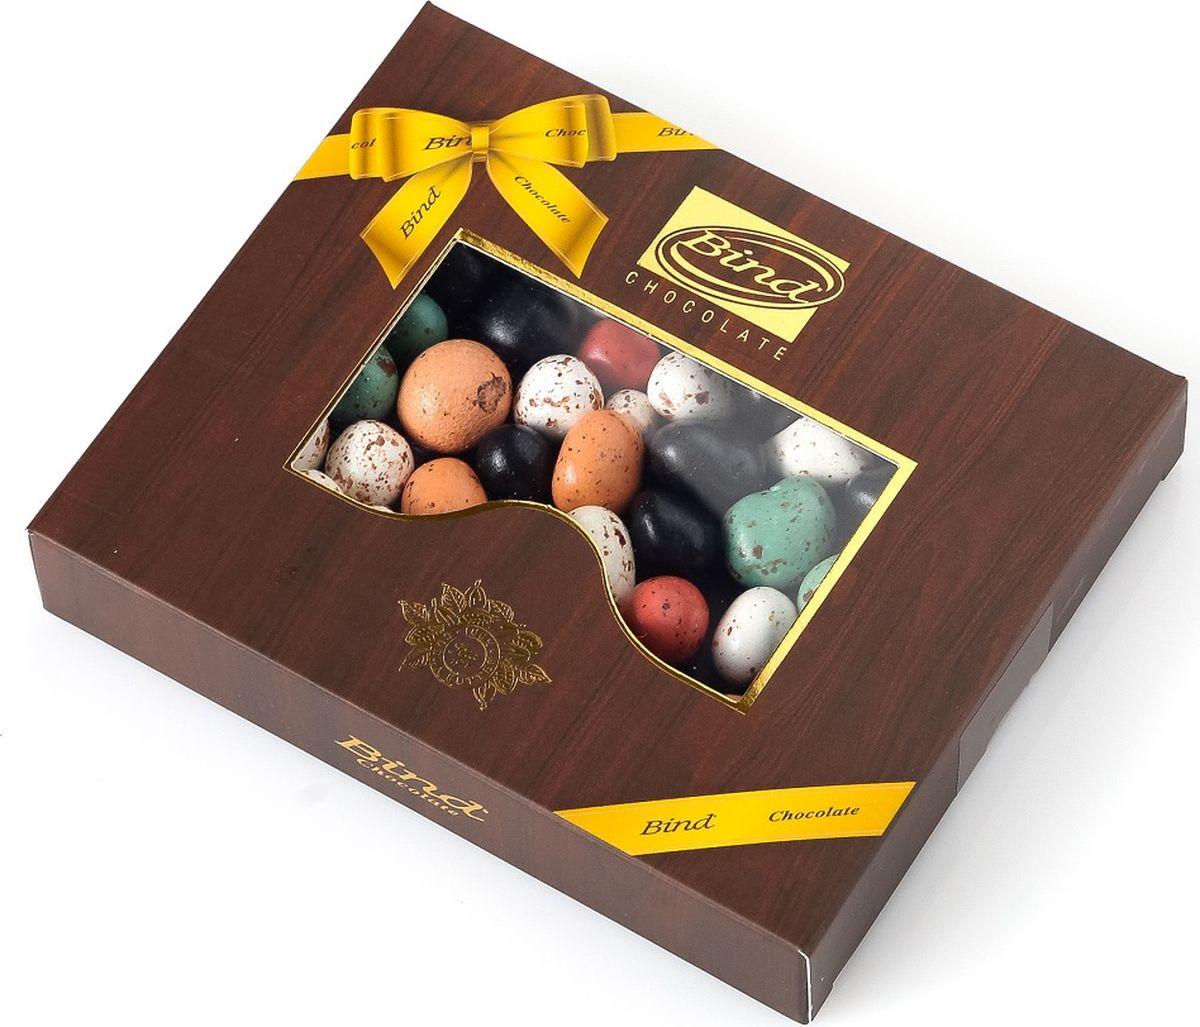 Bind шоколадный сладкий гравий с абрикосом в глазури драже, 100 г private bind